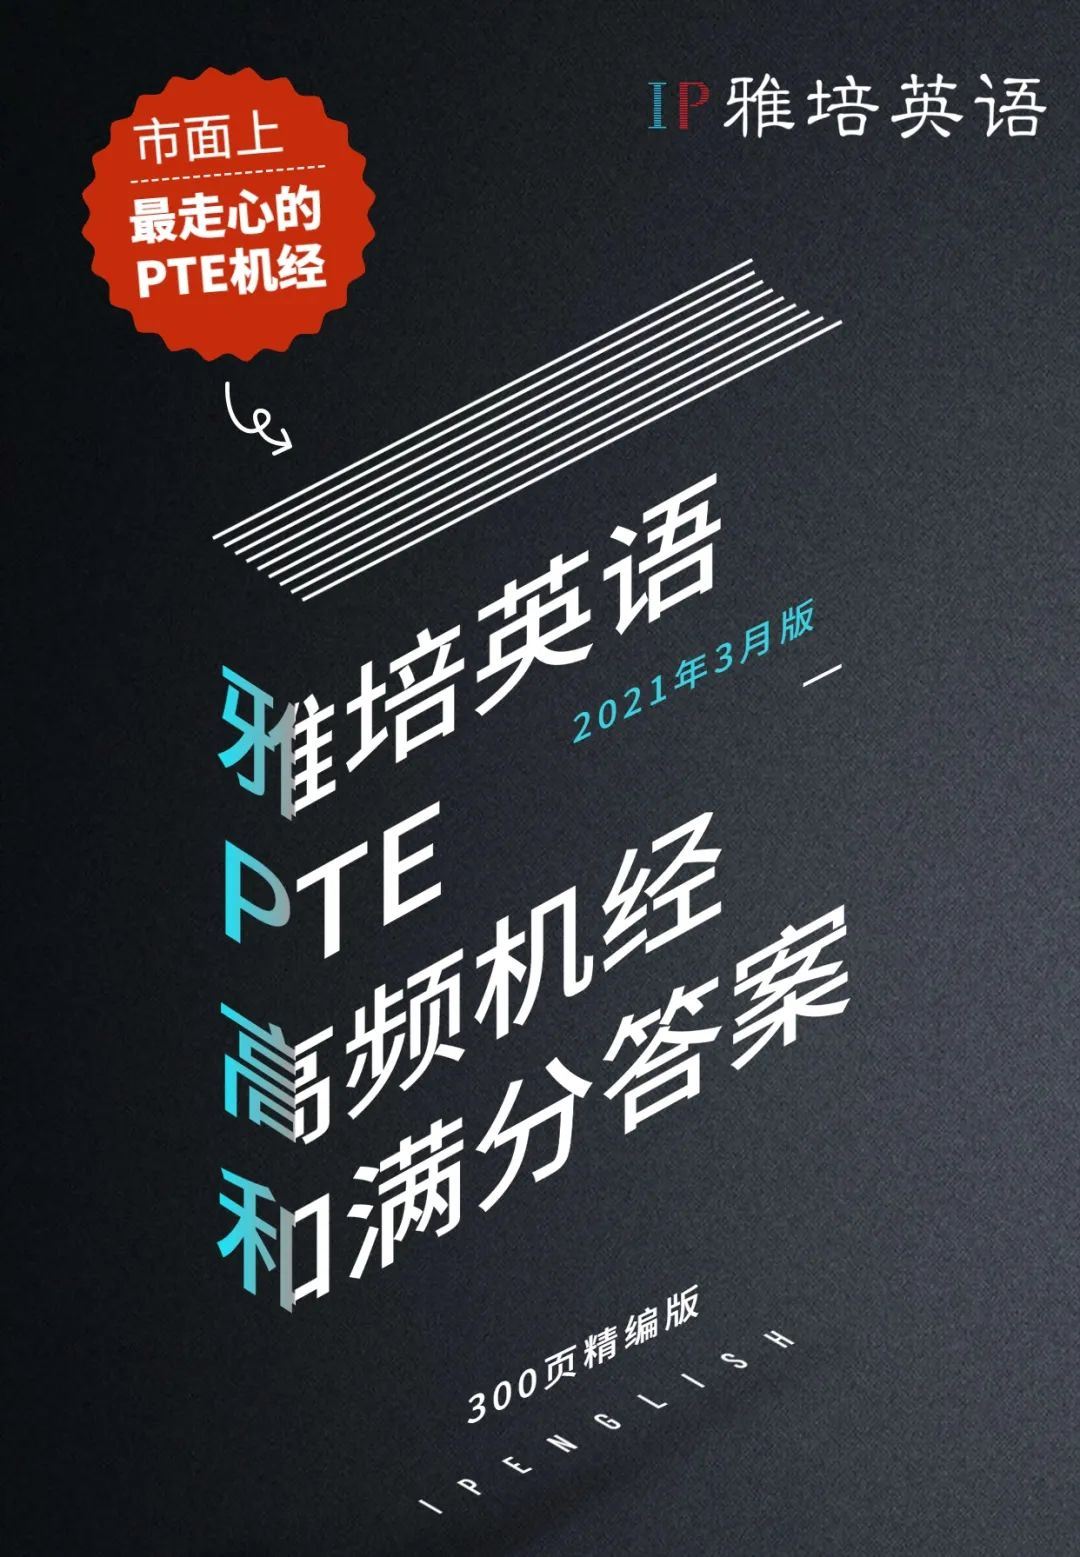 PTE口语纠音-什么模版都不如一口正确的音标